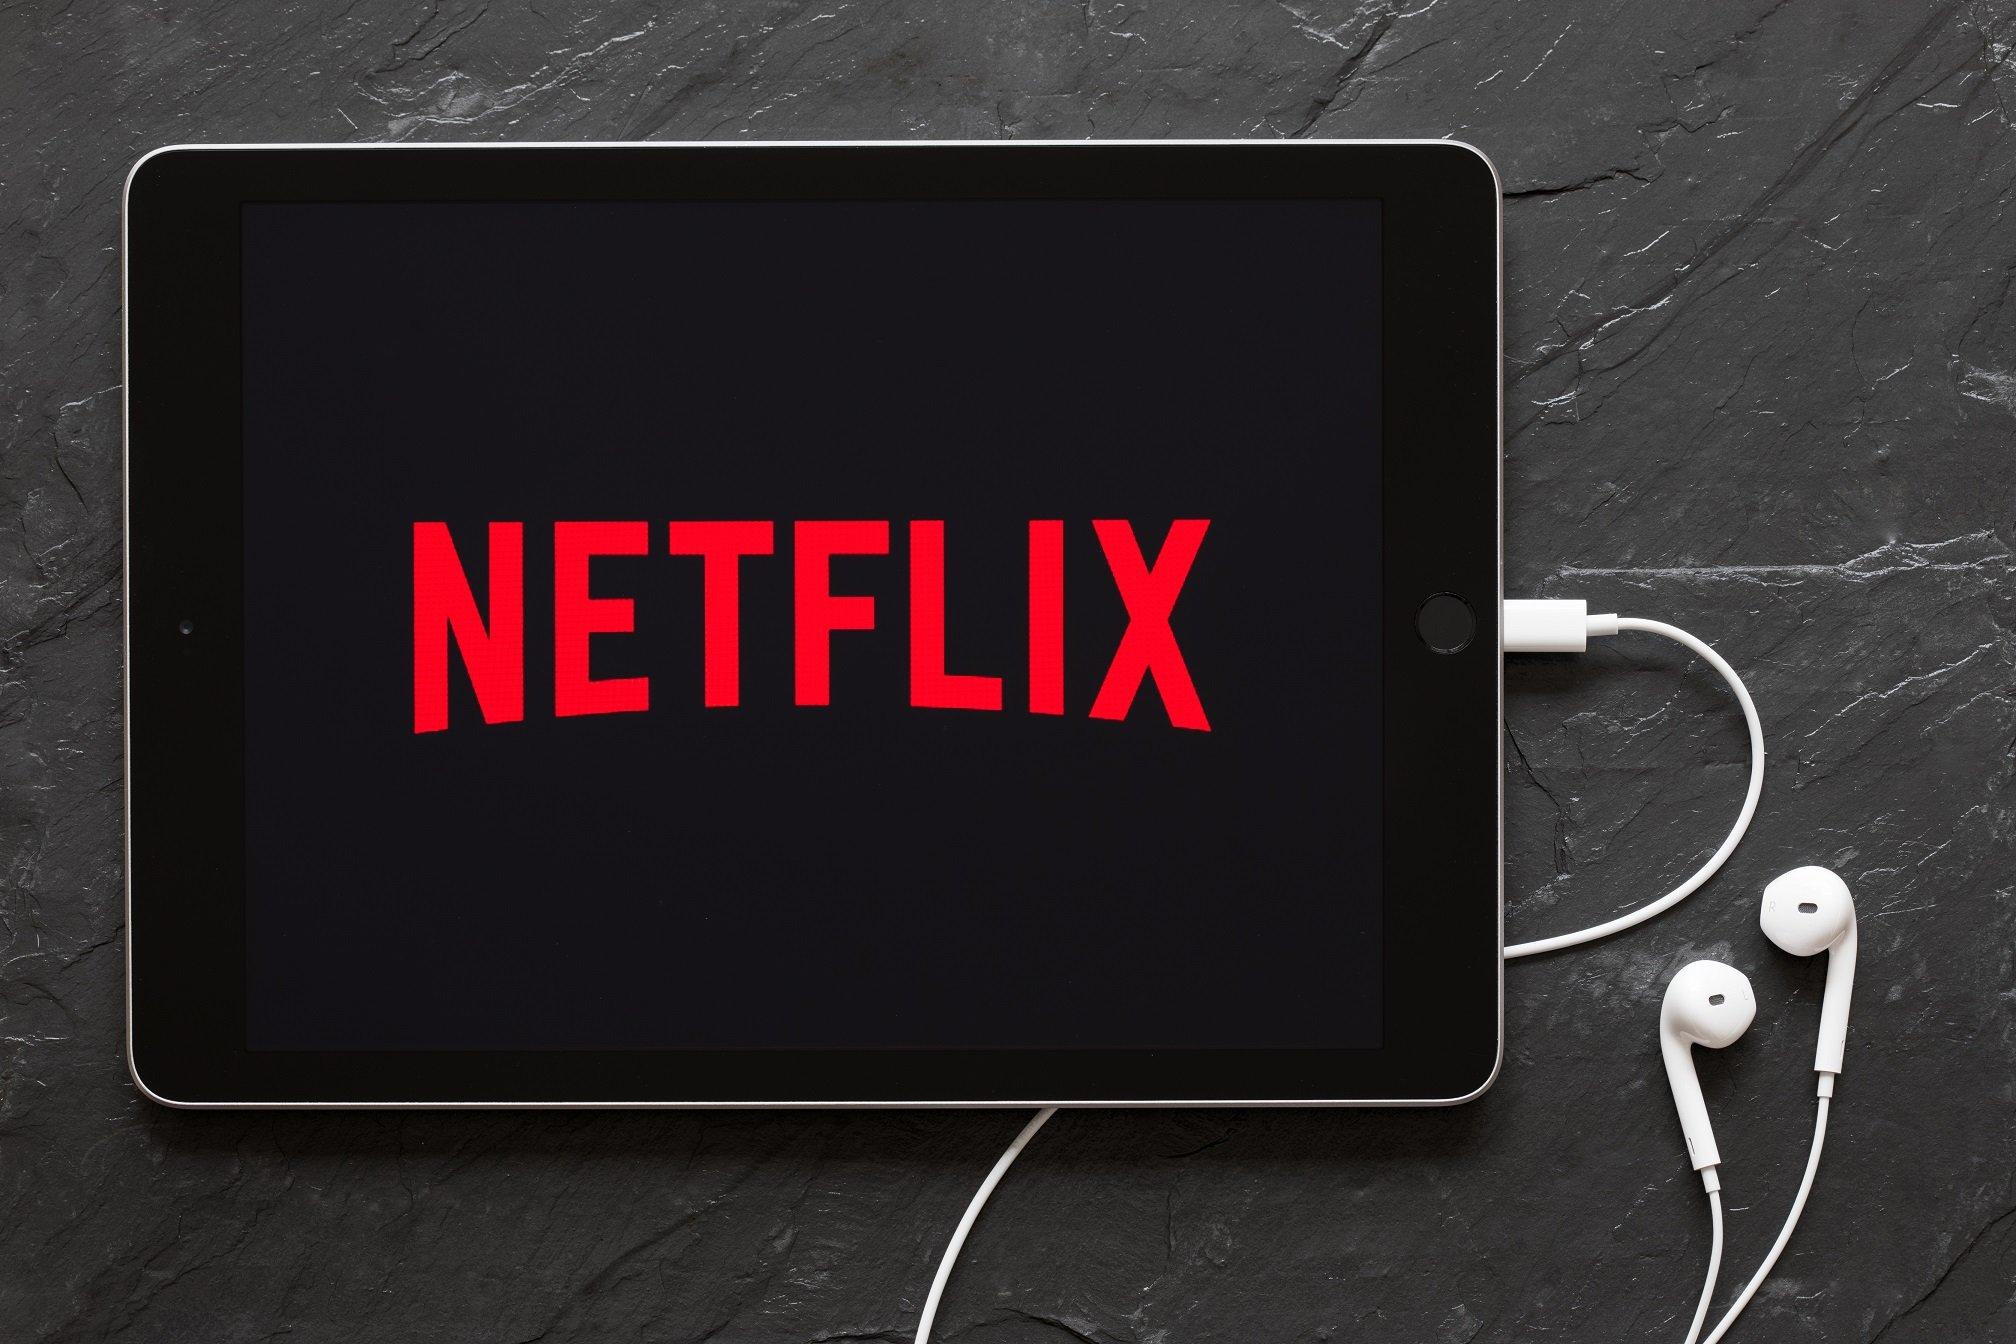 Tablet con aplicación de Netflix abierta. || Fuente: Shutterstock